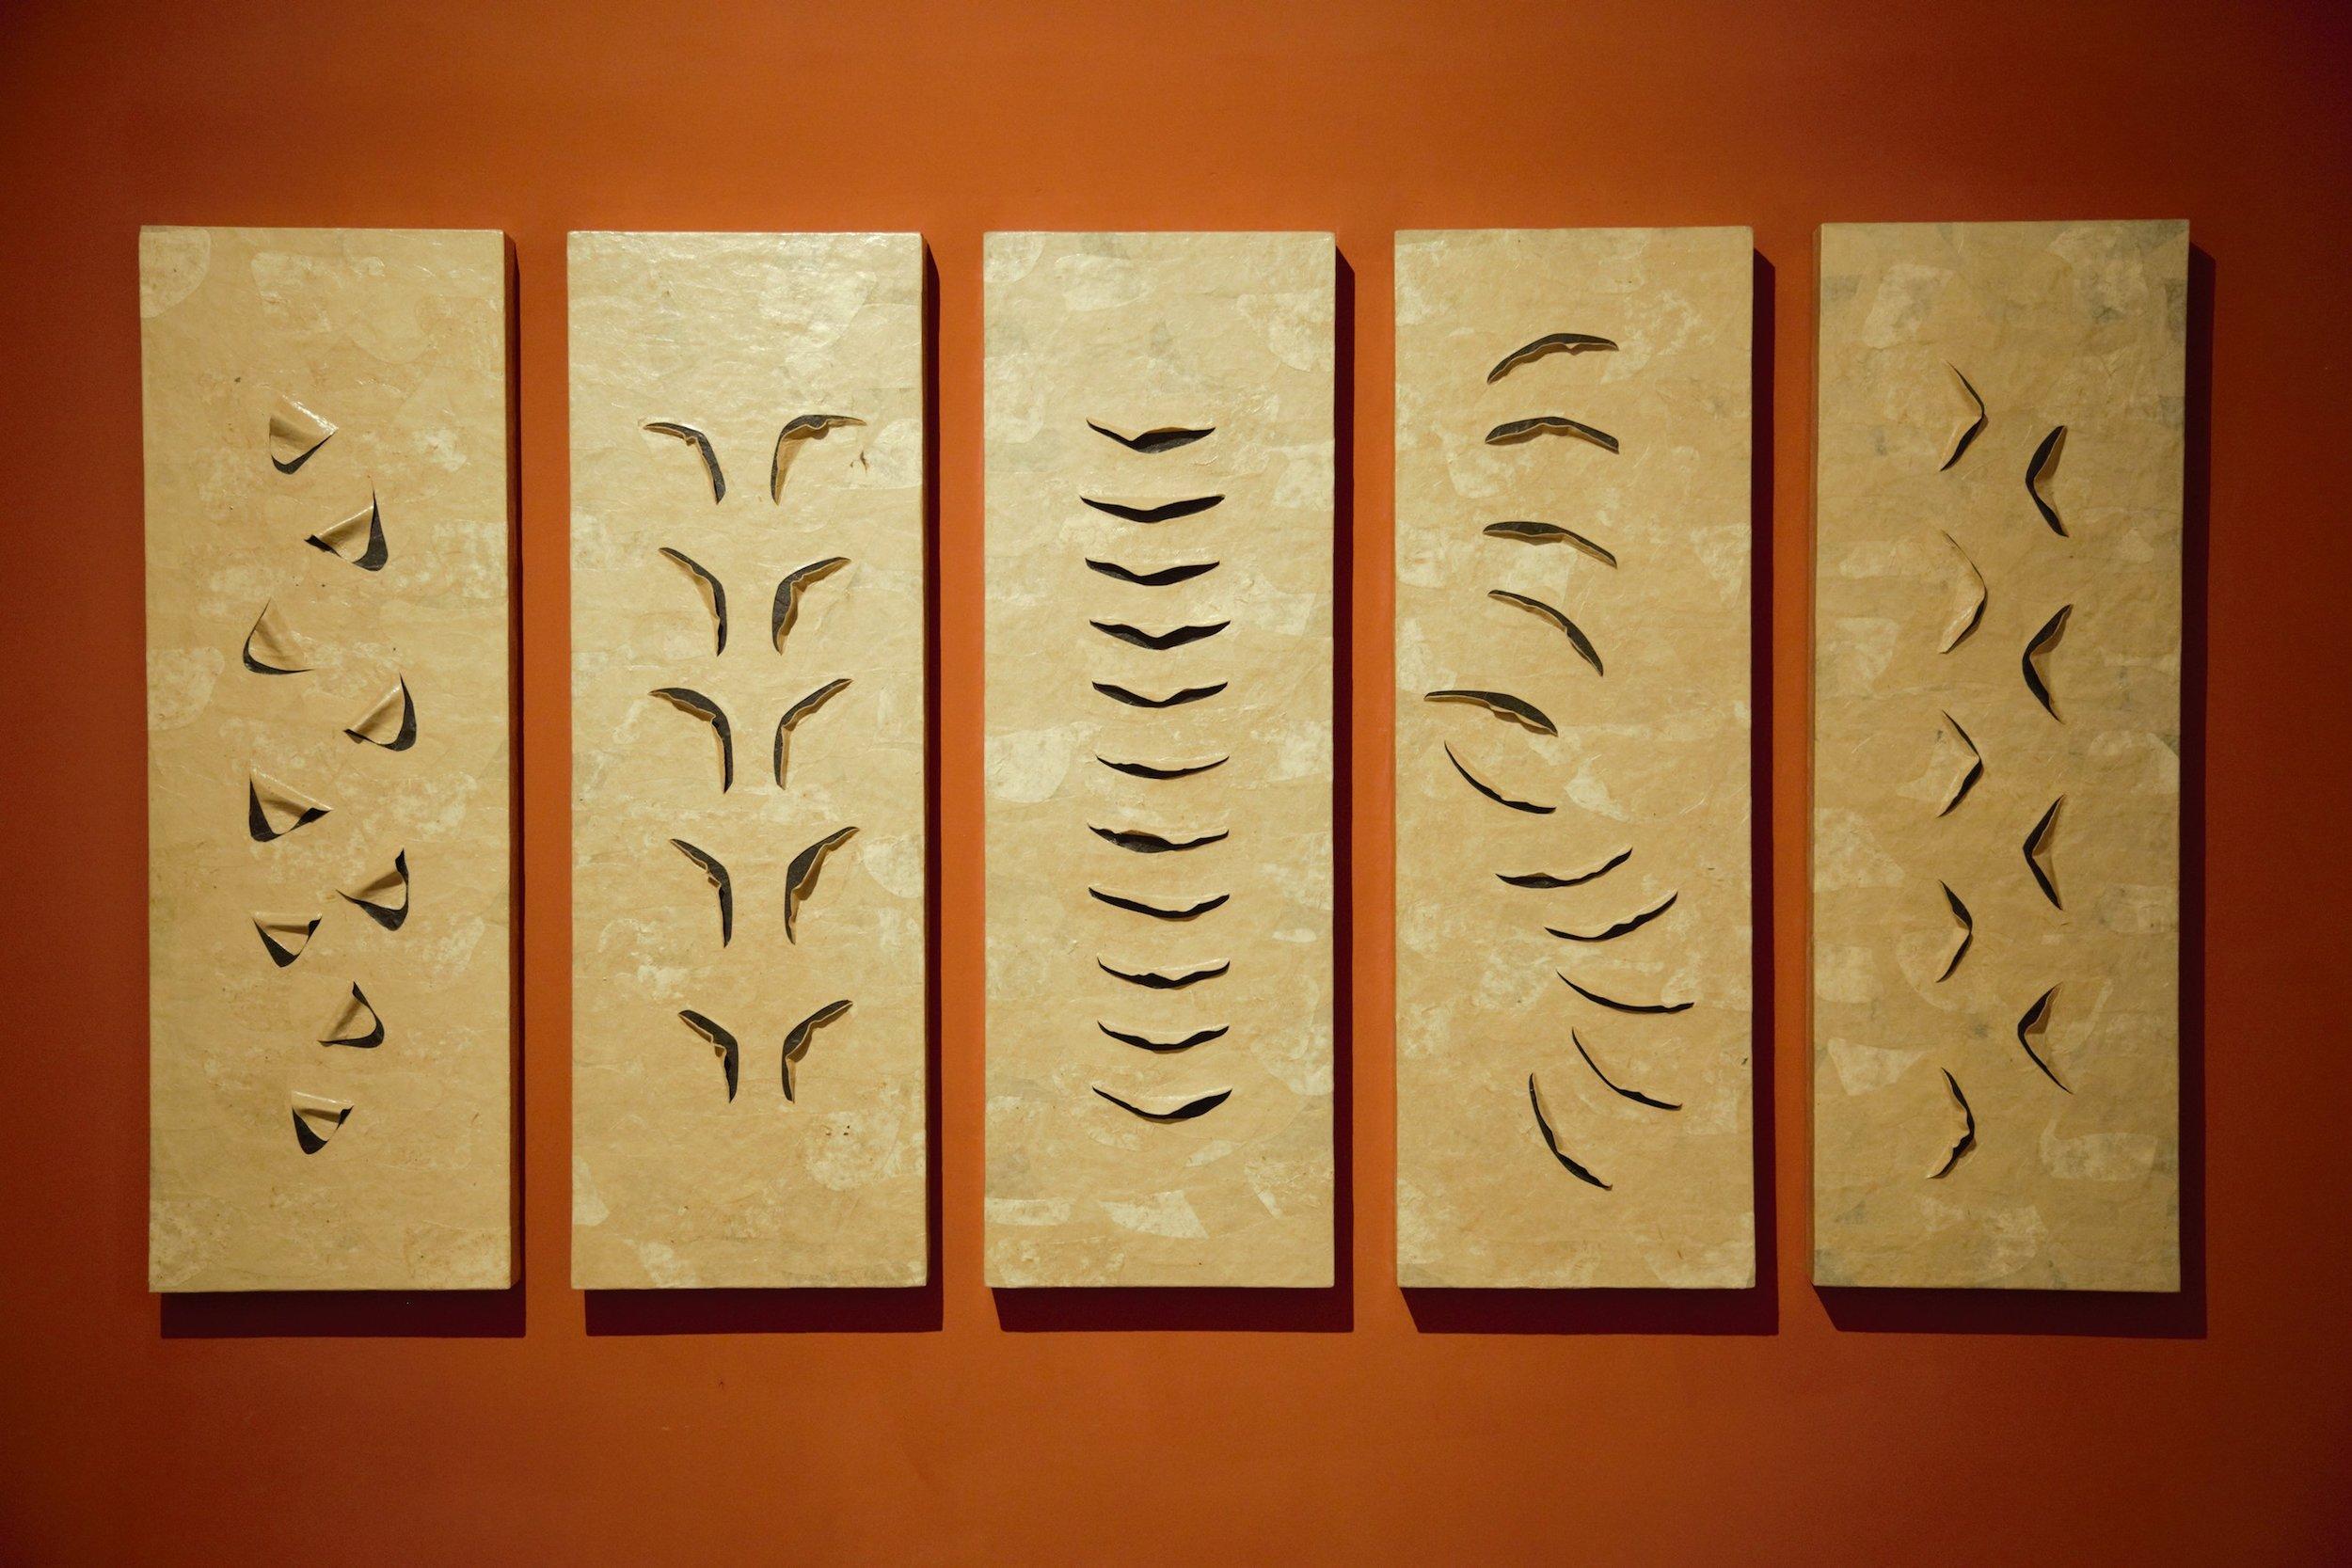 Manisha Parekh, Scars, 2011